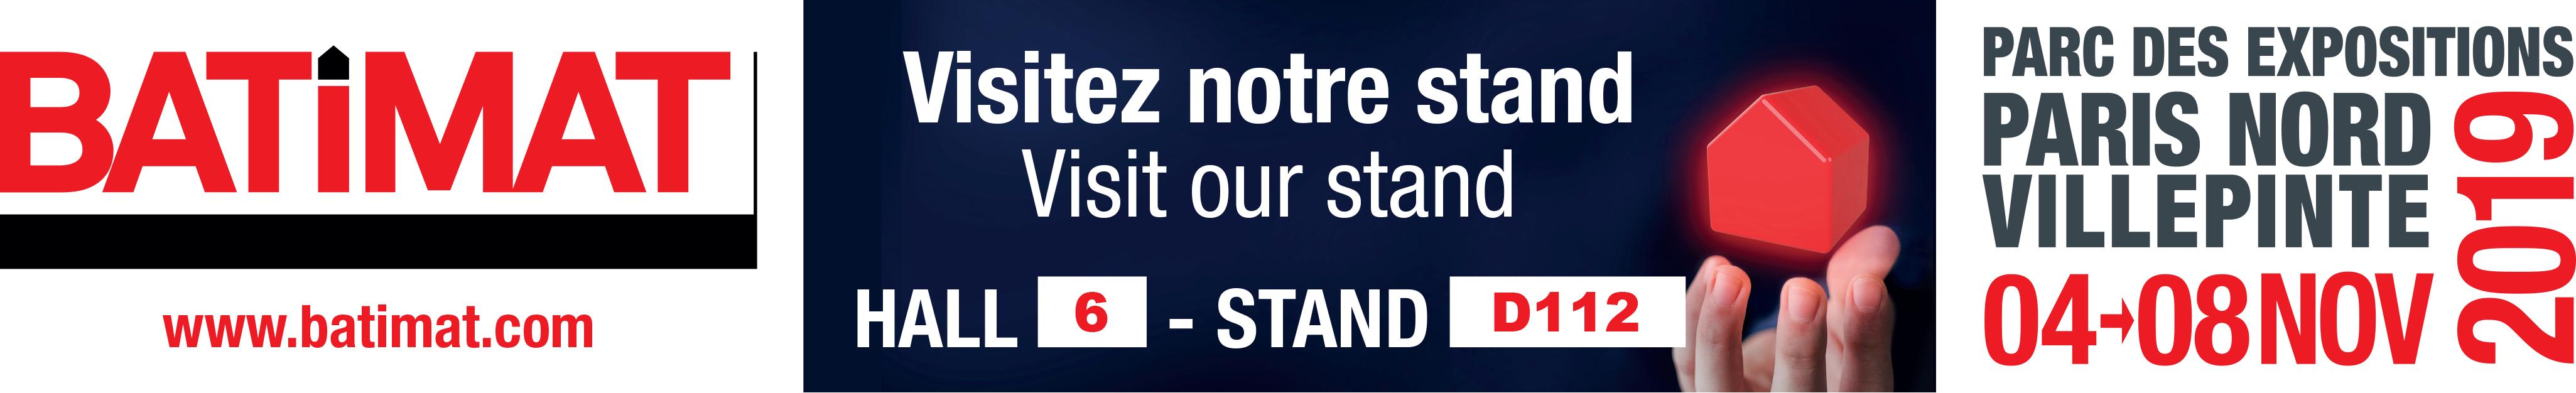 Batimat - Visitez notre stand - Hall 6 - Stand D112 -  Parc des expositions, Paris Nord, Villepinte, 04 - 18 Nov 2019